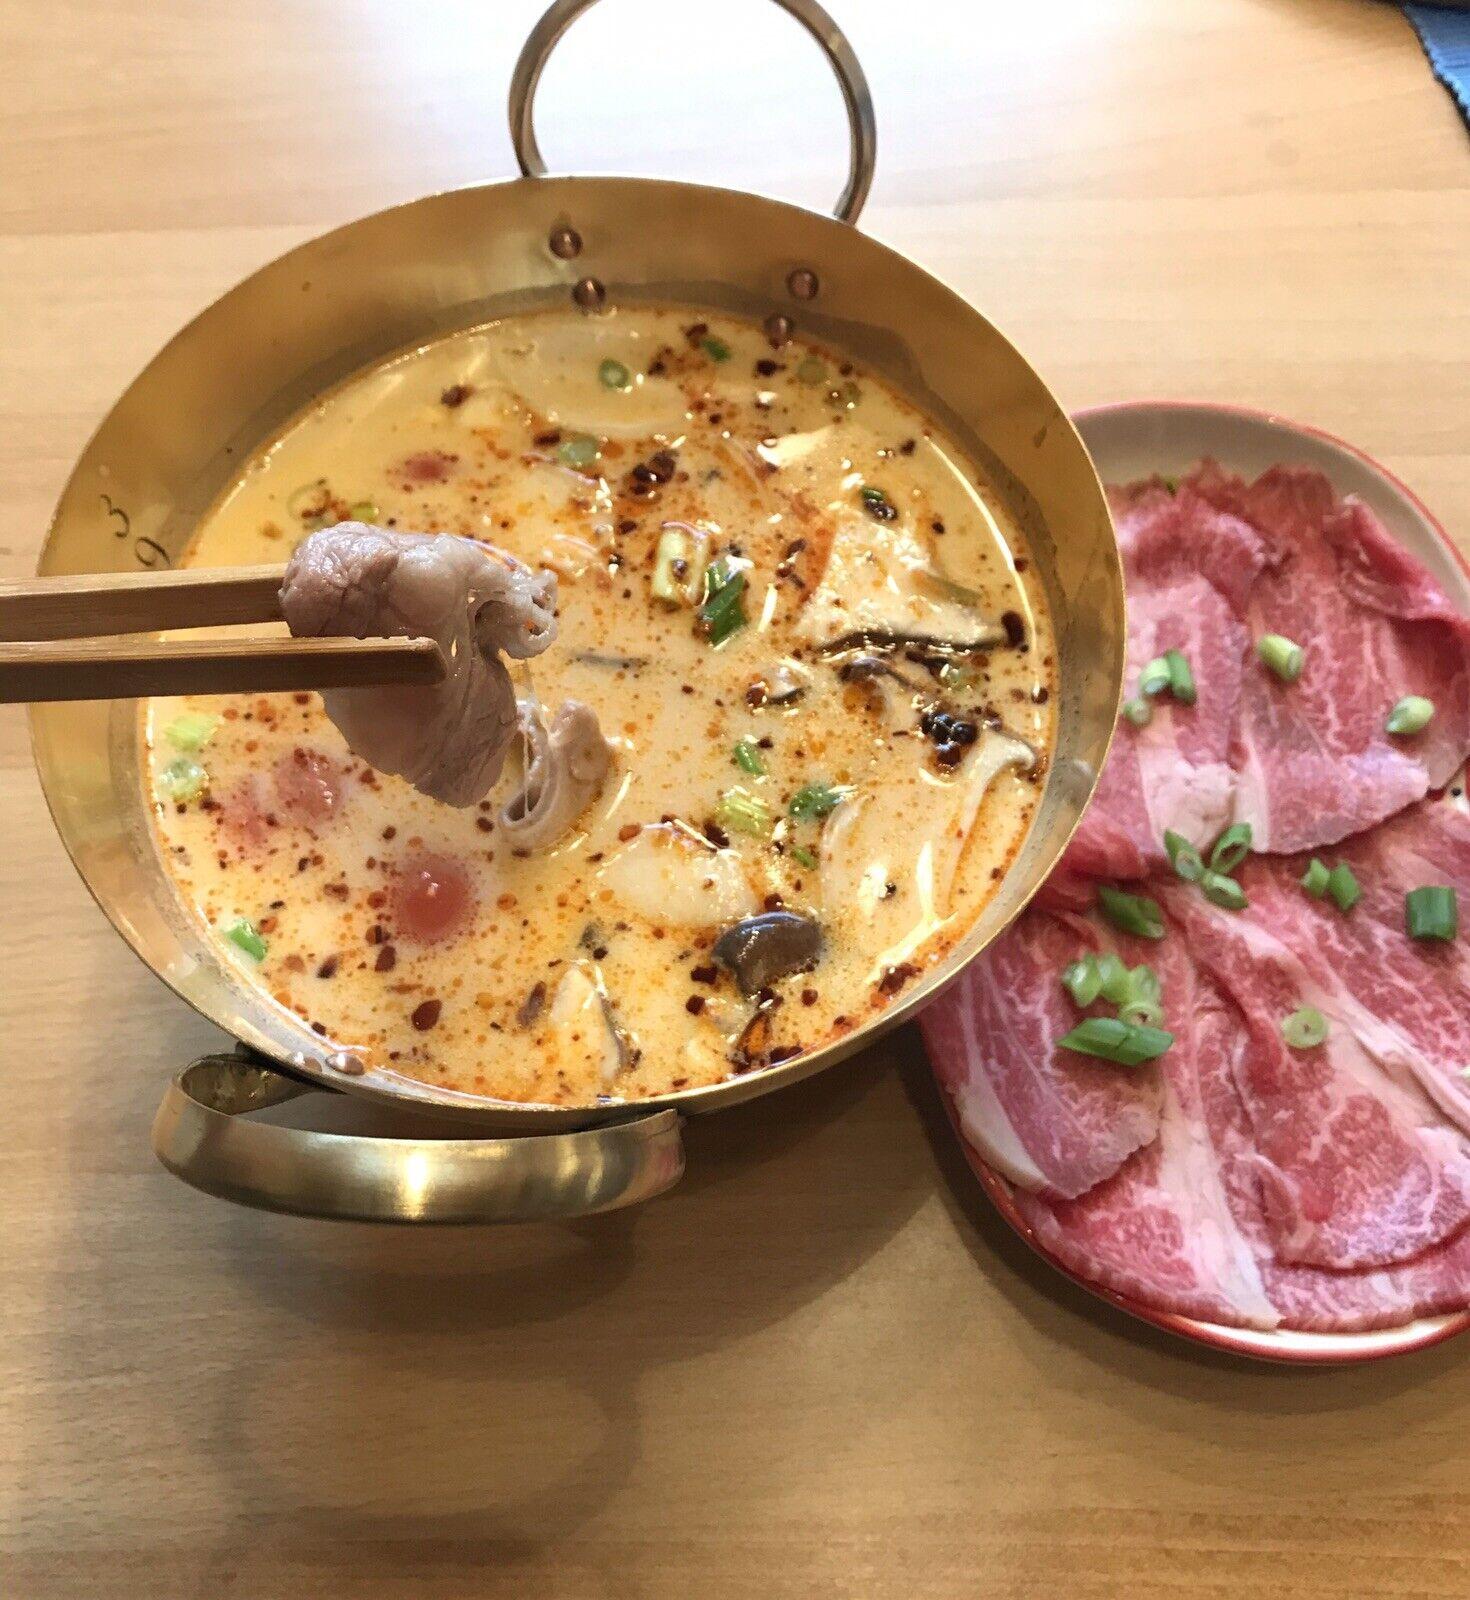 Hot Pot, soupe, casserole en laiton